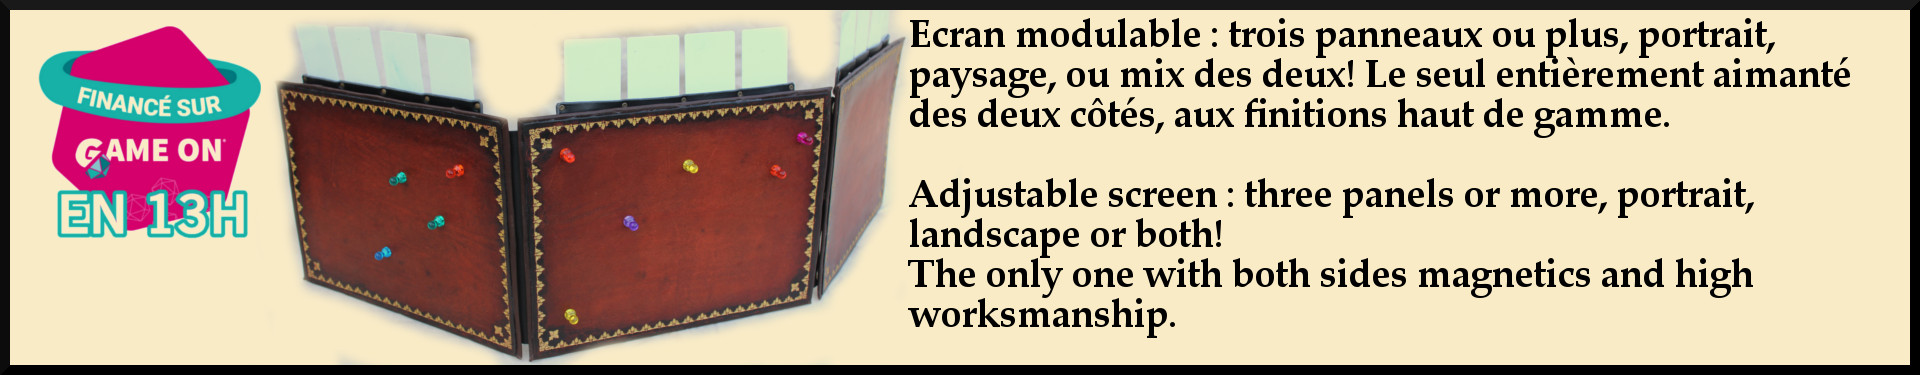 Écran modulable